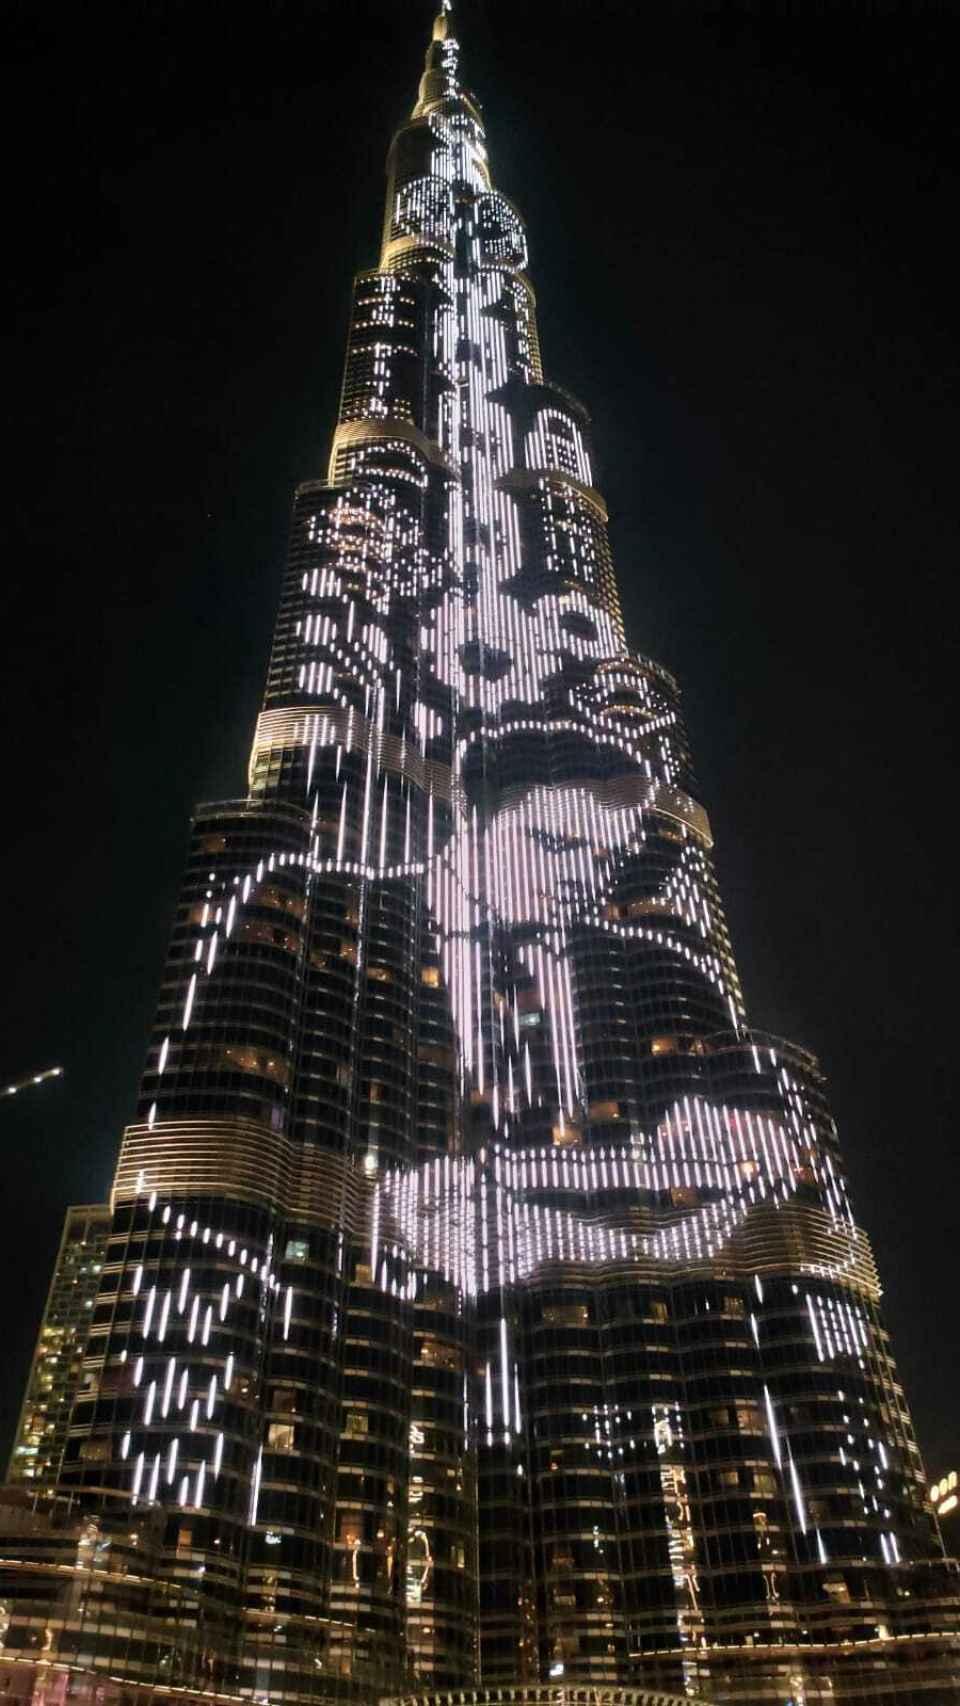 Una de las proyecciones de la obra de Paco Bree sobre el Burj Khalifa. Foto: A. Iglesias Fraga